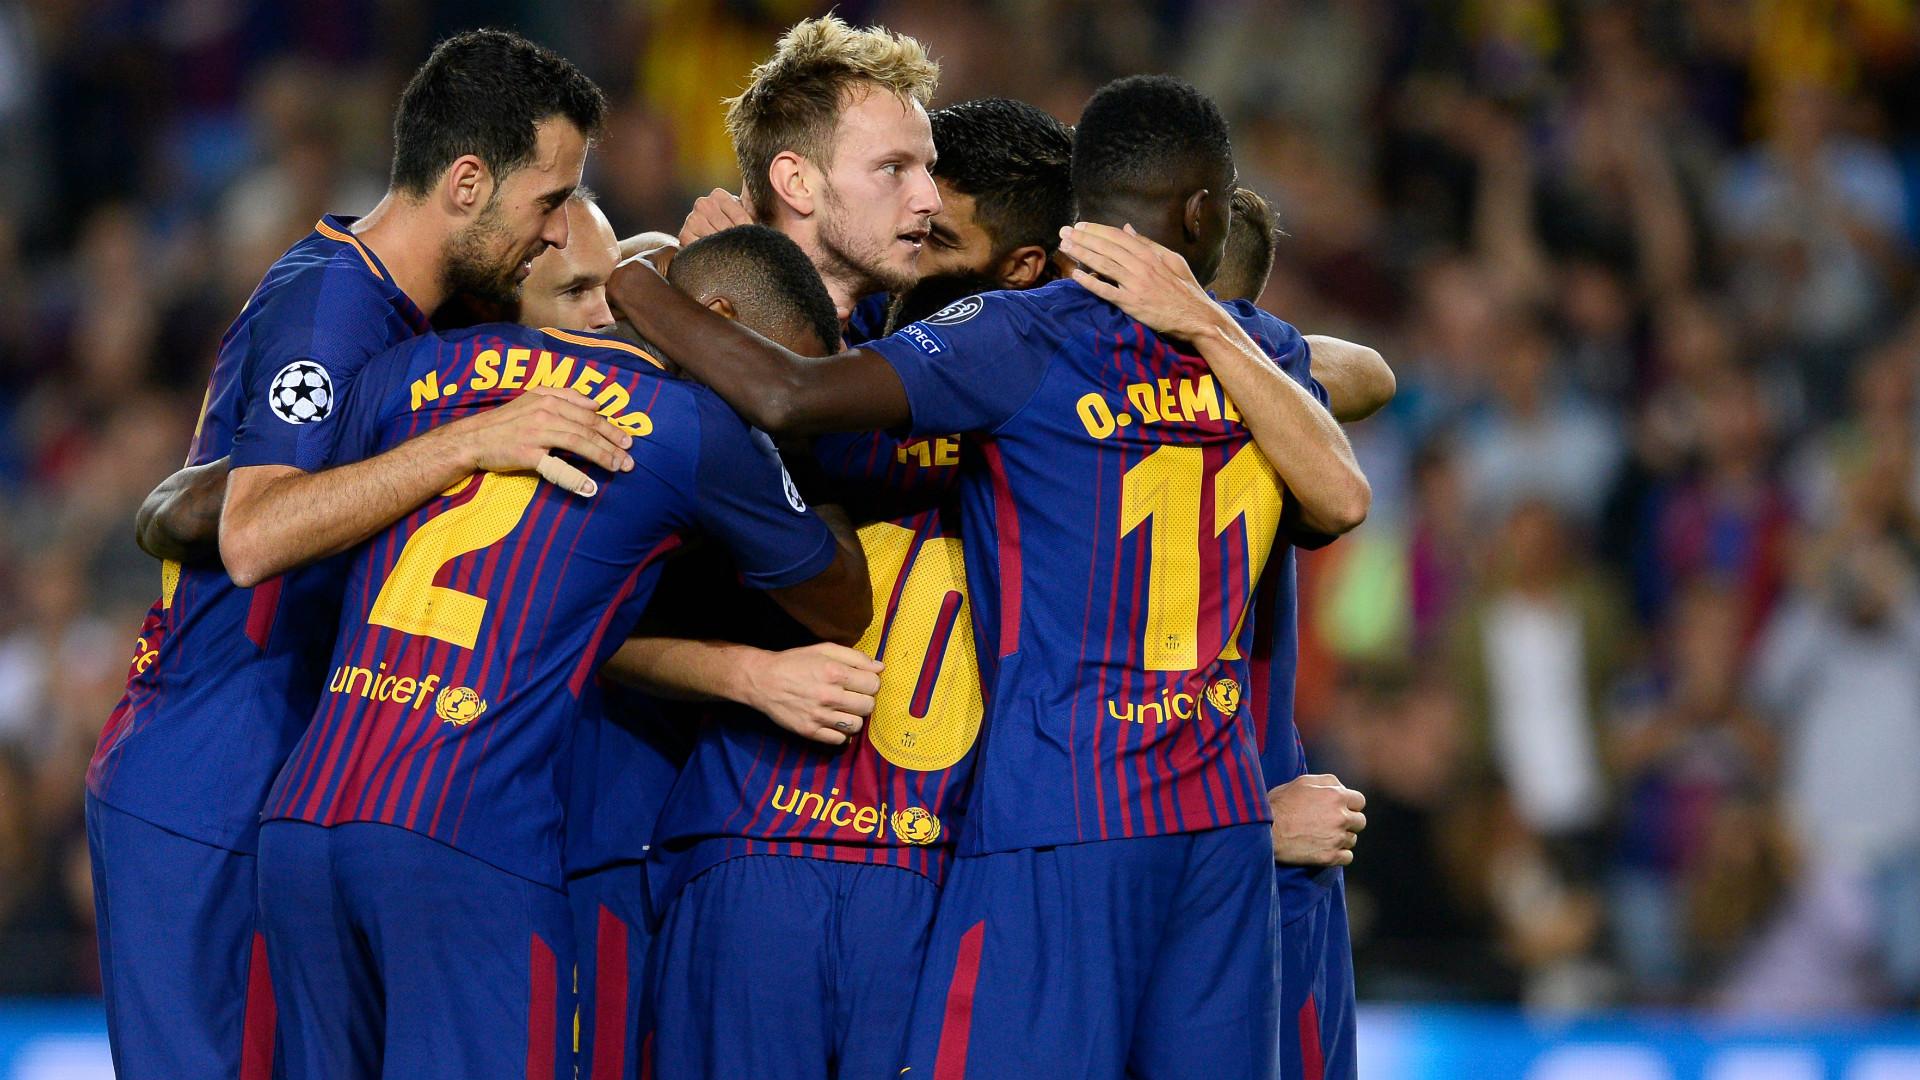 Barcelona revirtió su partido ante Getafe y mantiene puntaje ideal